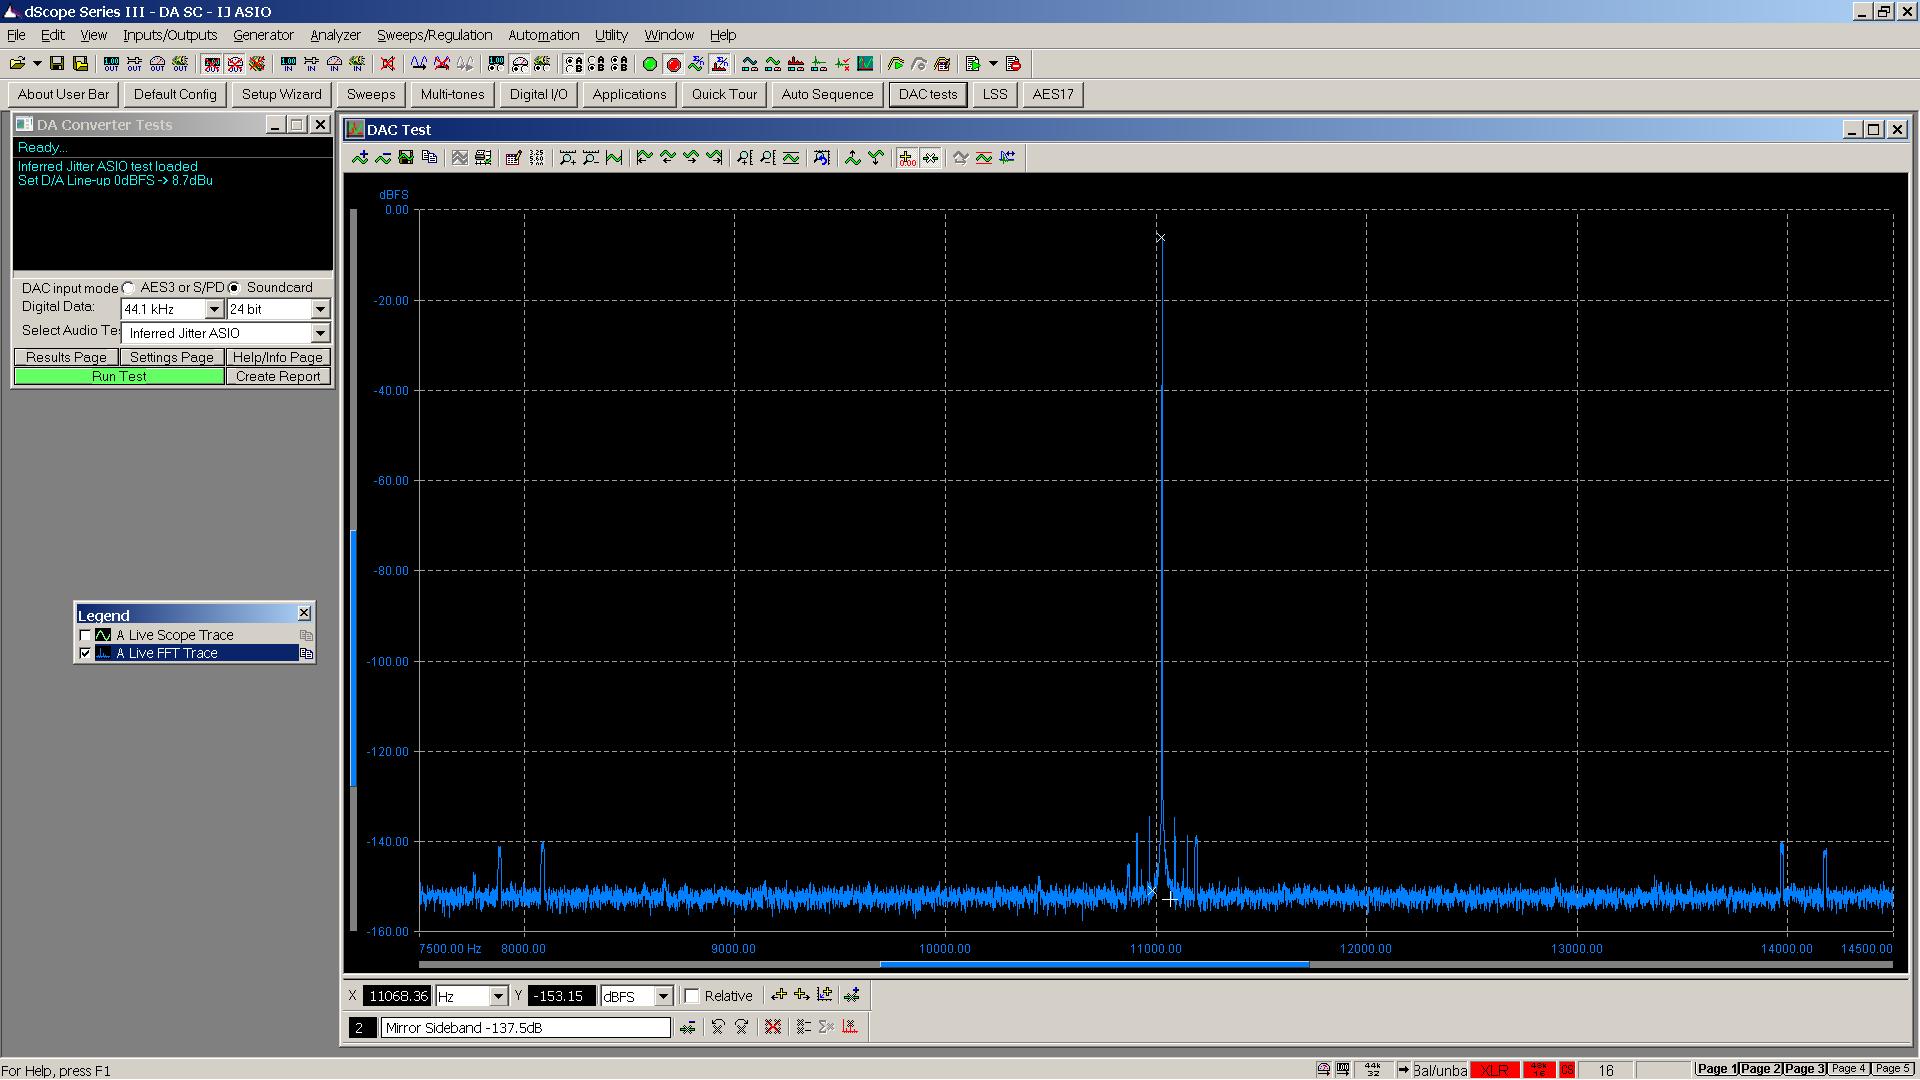 20170327 Modi MB inferred jitter - SPDIF - SU-1 - 00 min.png